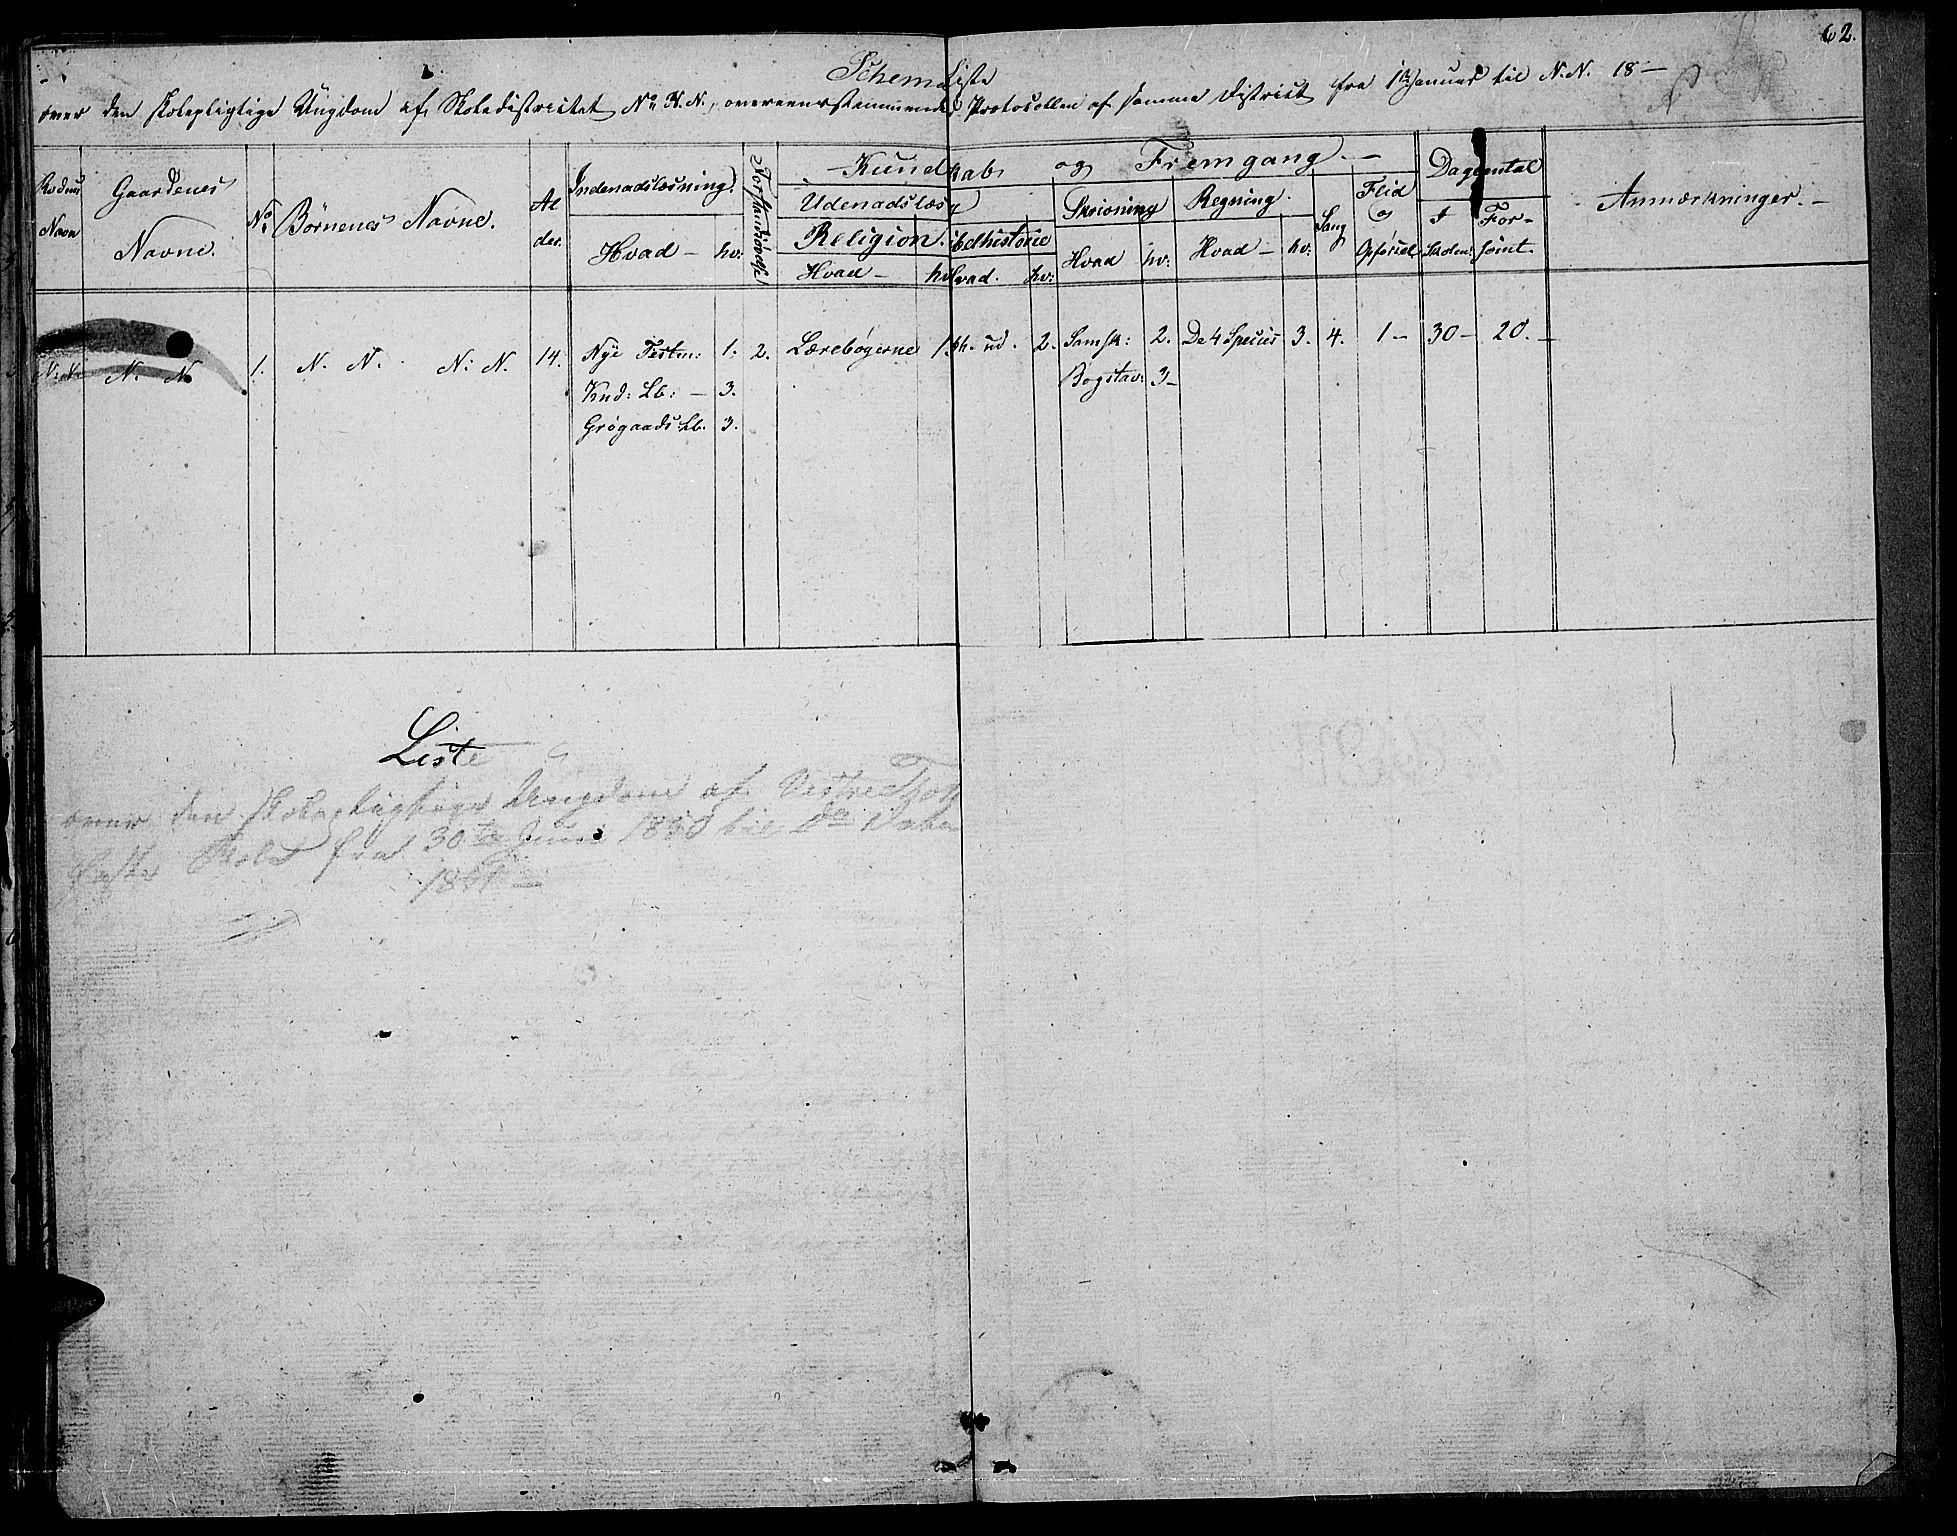 SAH, Vestre Toten prestekontor, H/Ha/Hab/L0003: Klokkerbok nr. 3, 1846-1854, s. 62